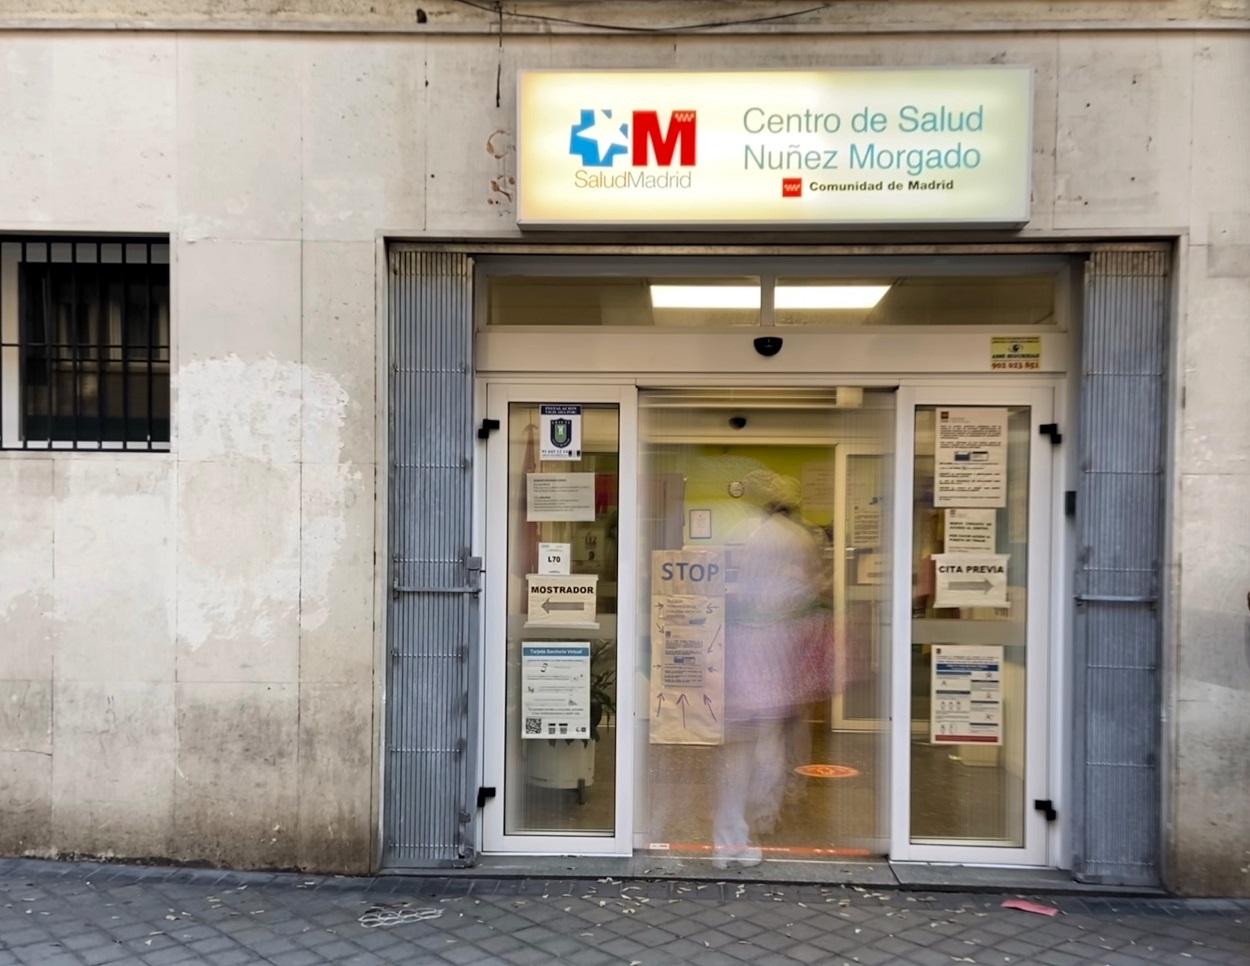 El centro de salud Núñez Morgado, en el distrito de Chamartín, en Madrid. E.P./Eduardo Parra